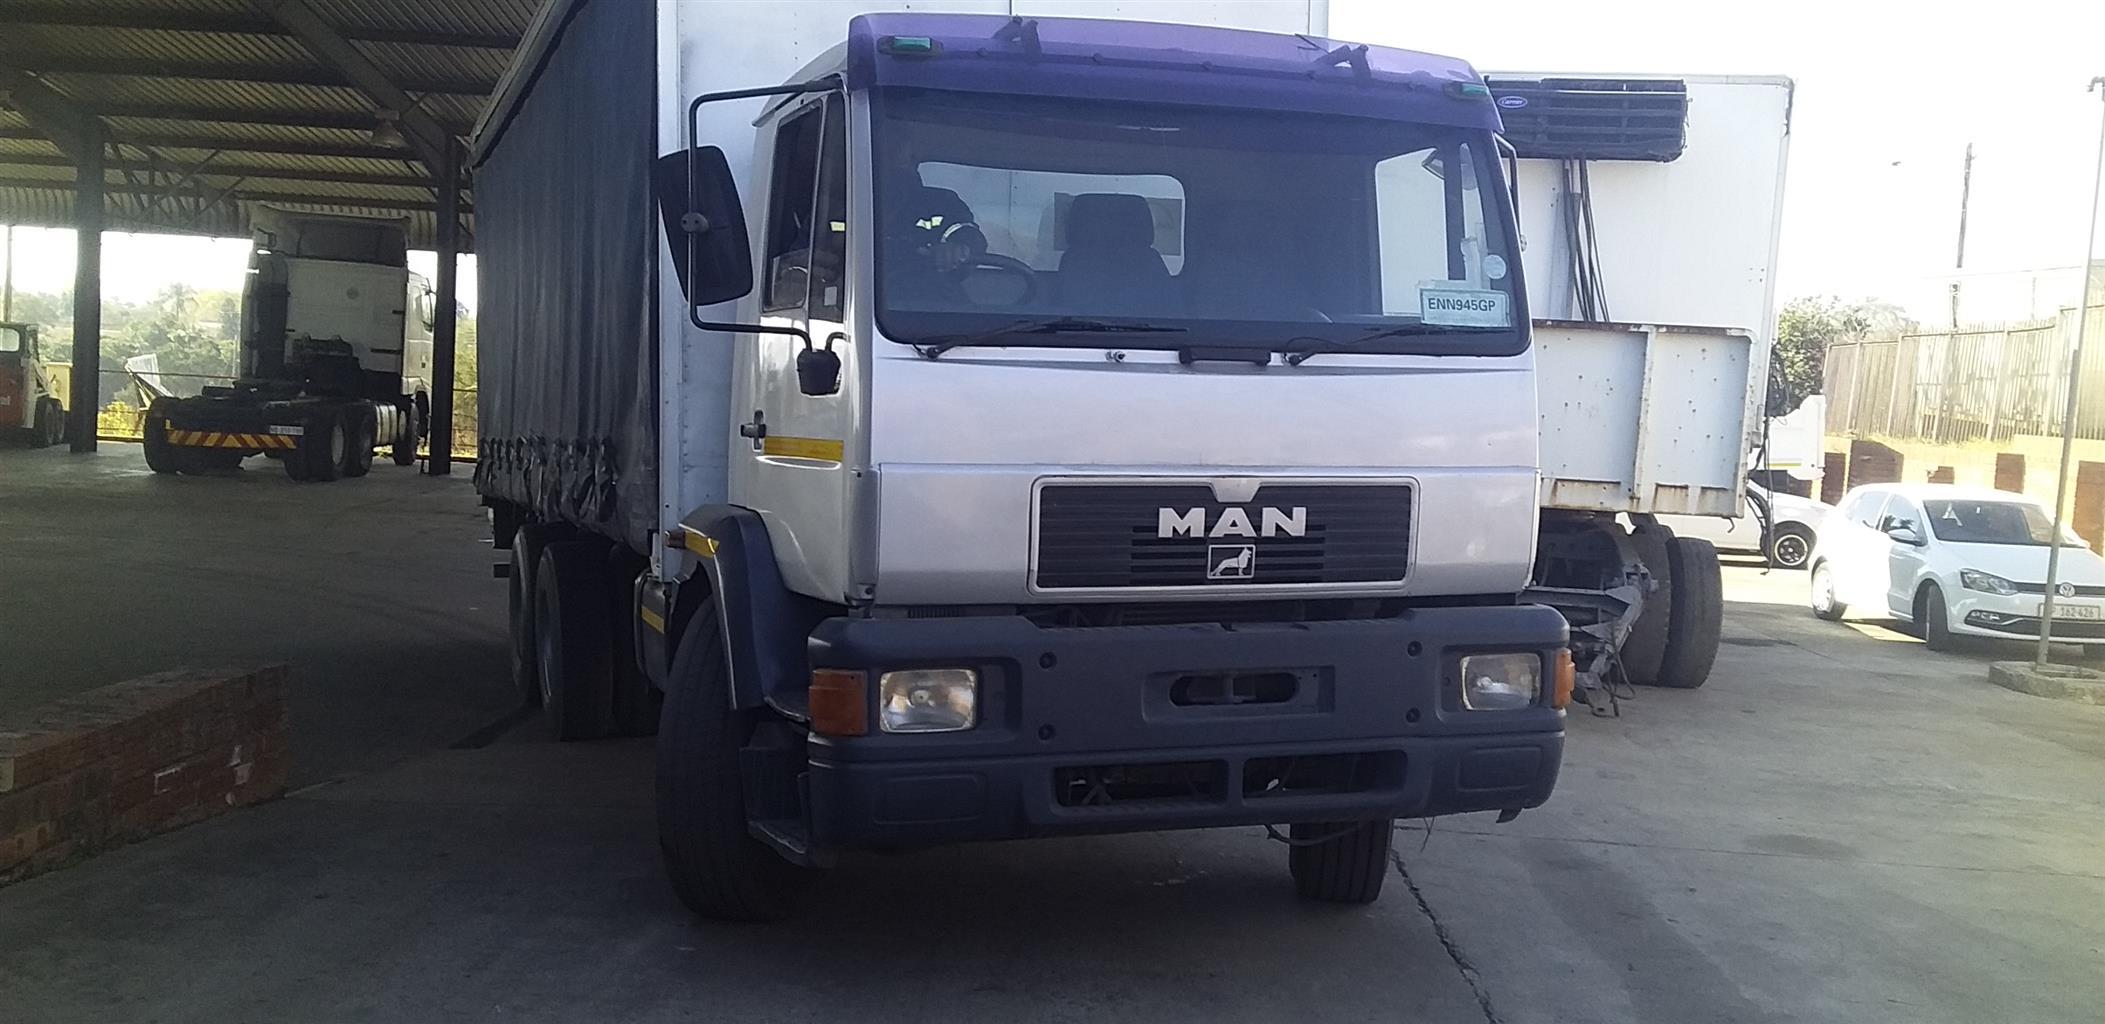 2001 MAN LM2000 TAUTLINER